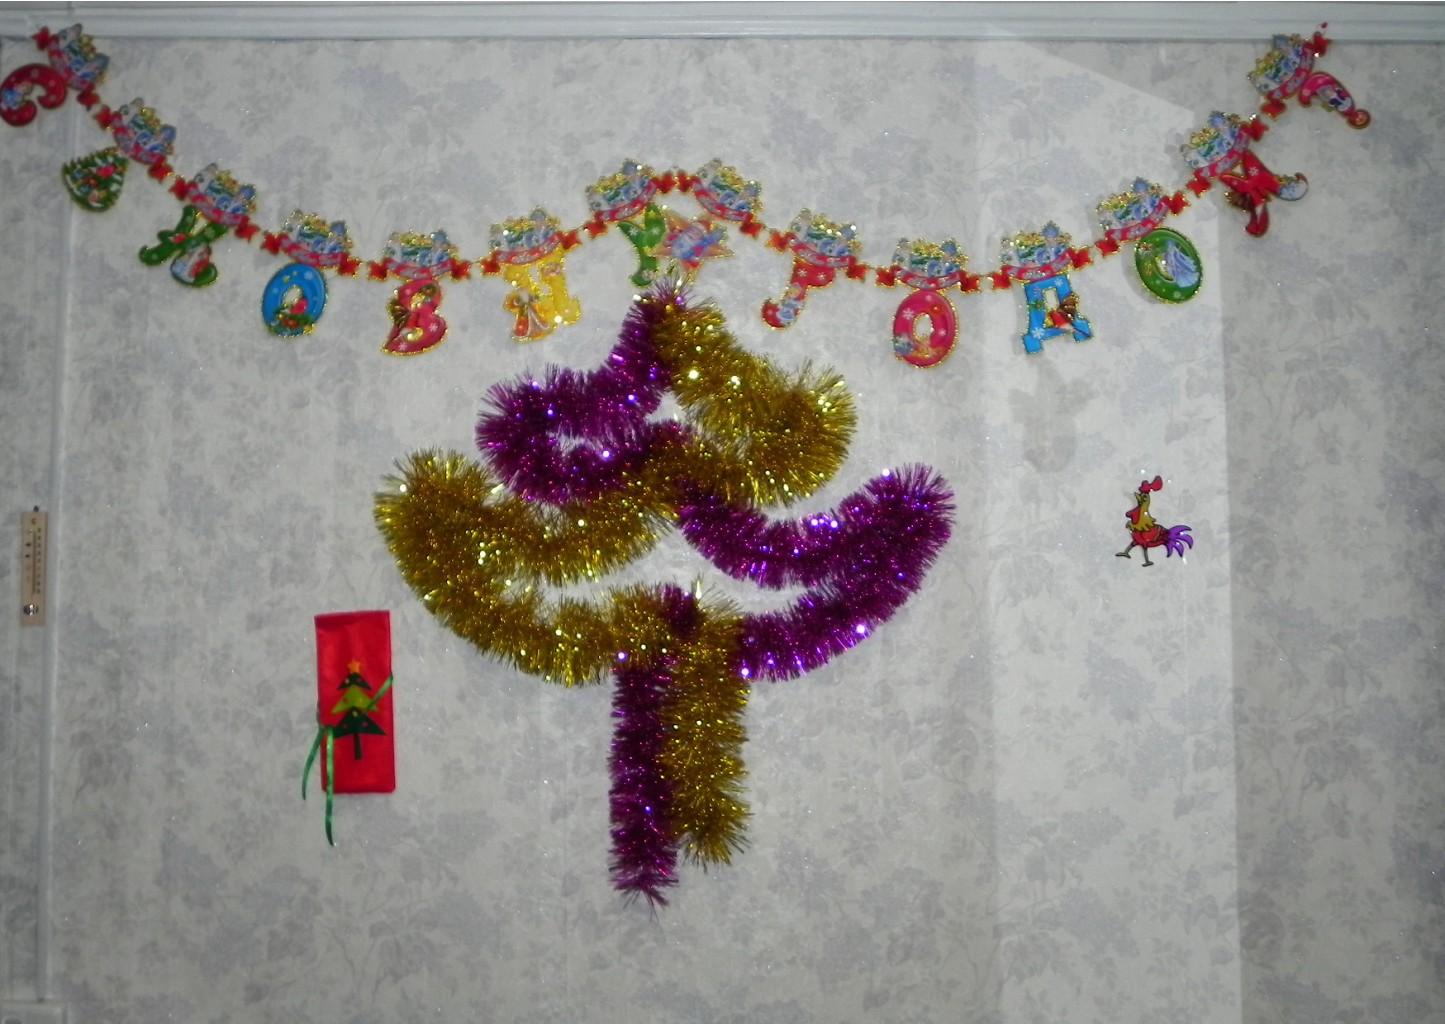 стекла новогодние рисунки из мишуры на стене сегодня